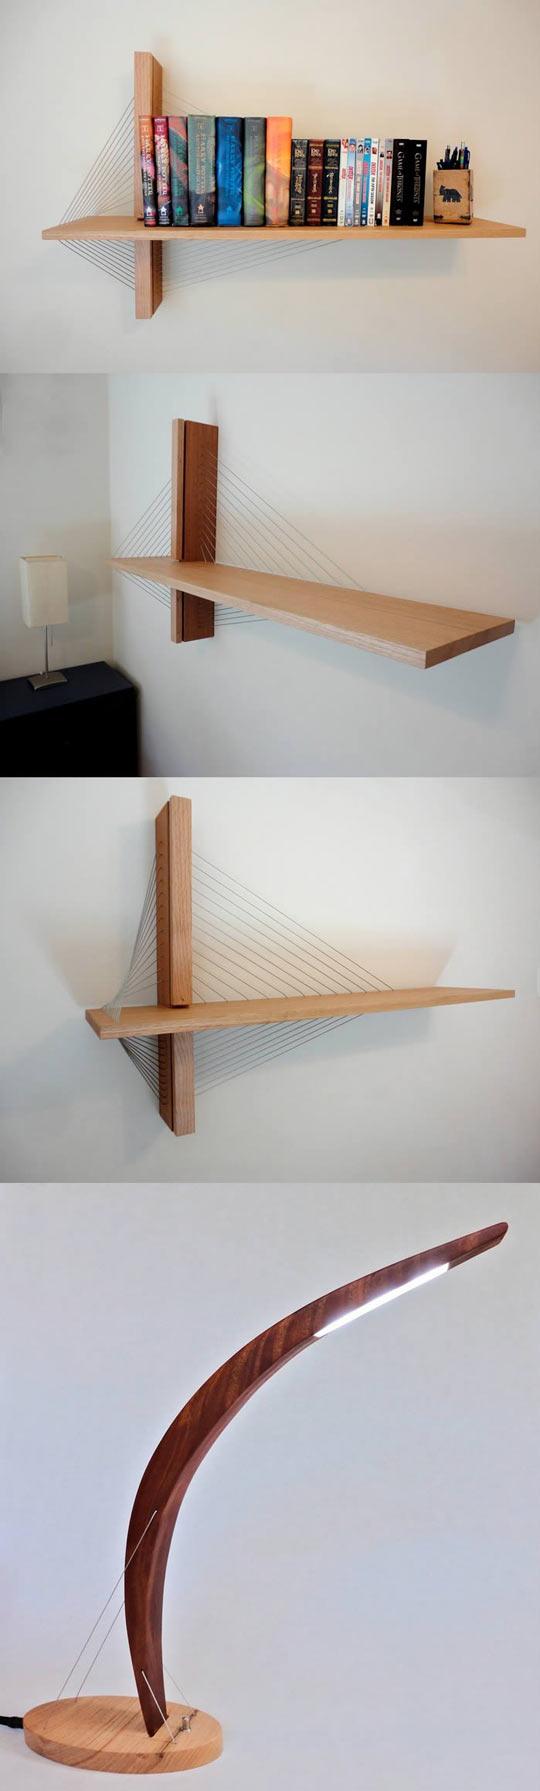 cool-furniture-tension-design-shelf